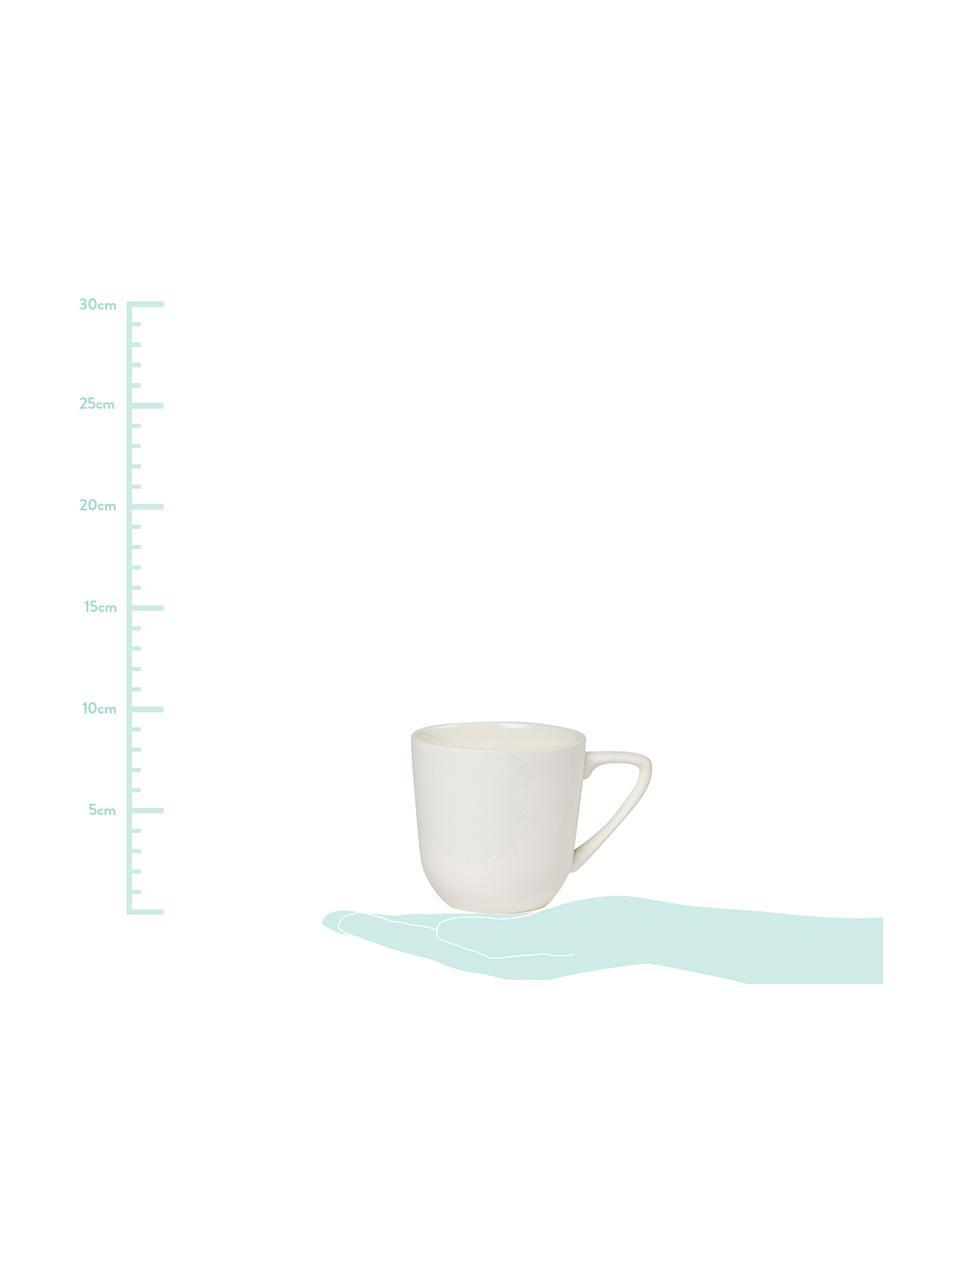 Tassen Nudge in Weiß matt/glänzend, 4 Stück, Porzellan, Creme, Ø 8 x H 8 cm